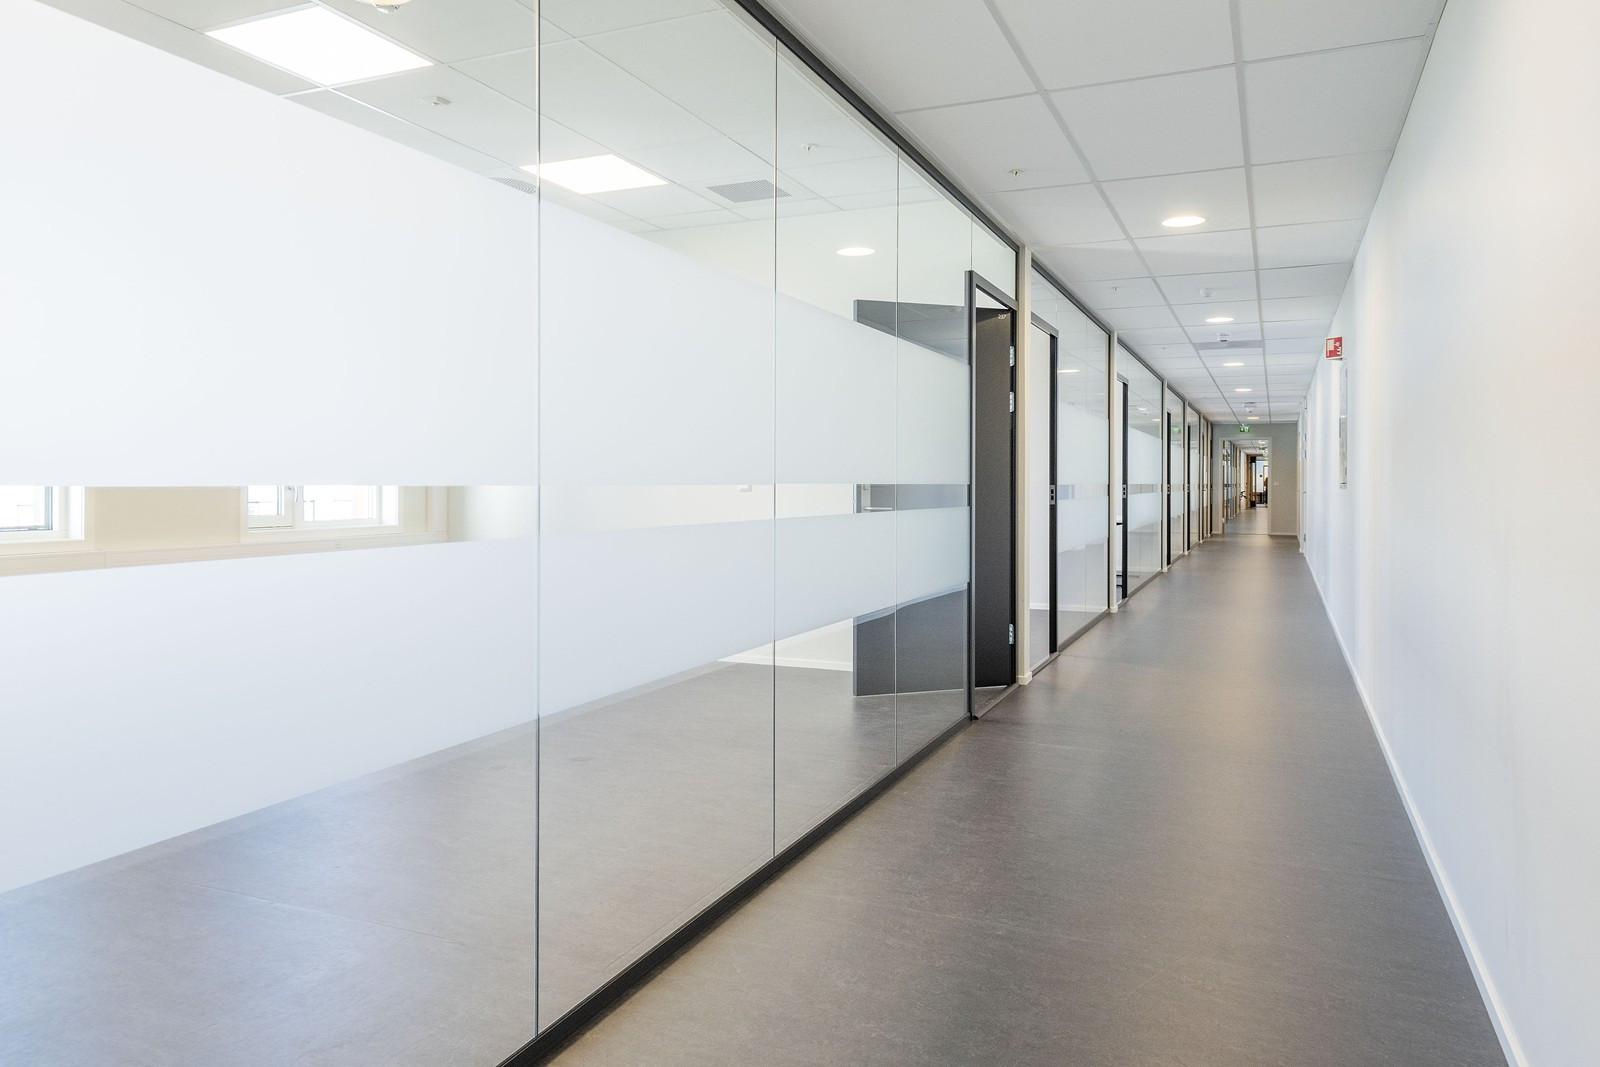 Gangarealer til kontor - moderne glassvegger som slipper gjennom godt med dagslys